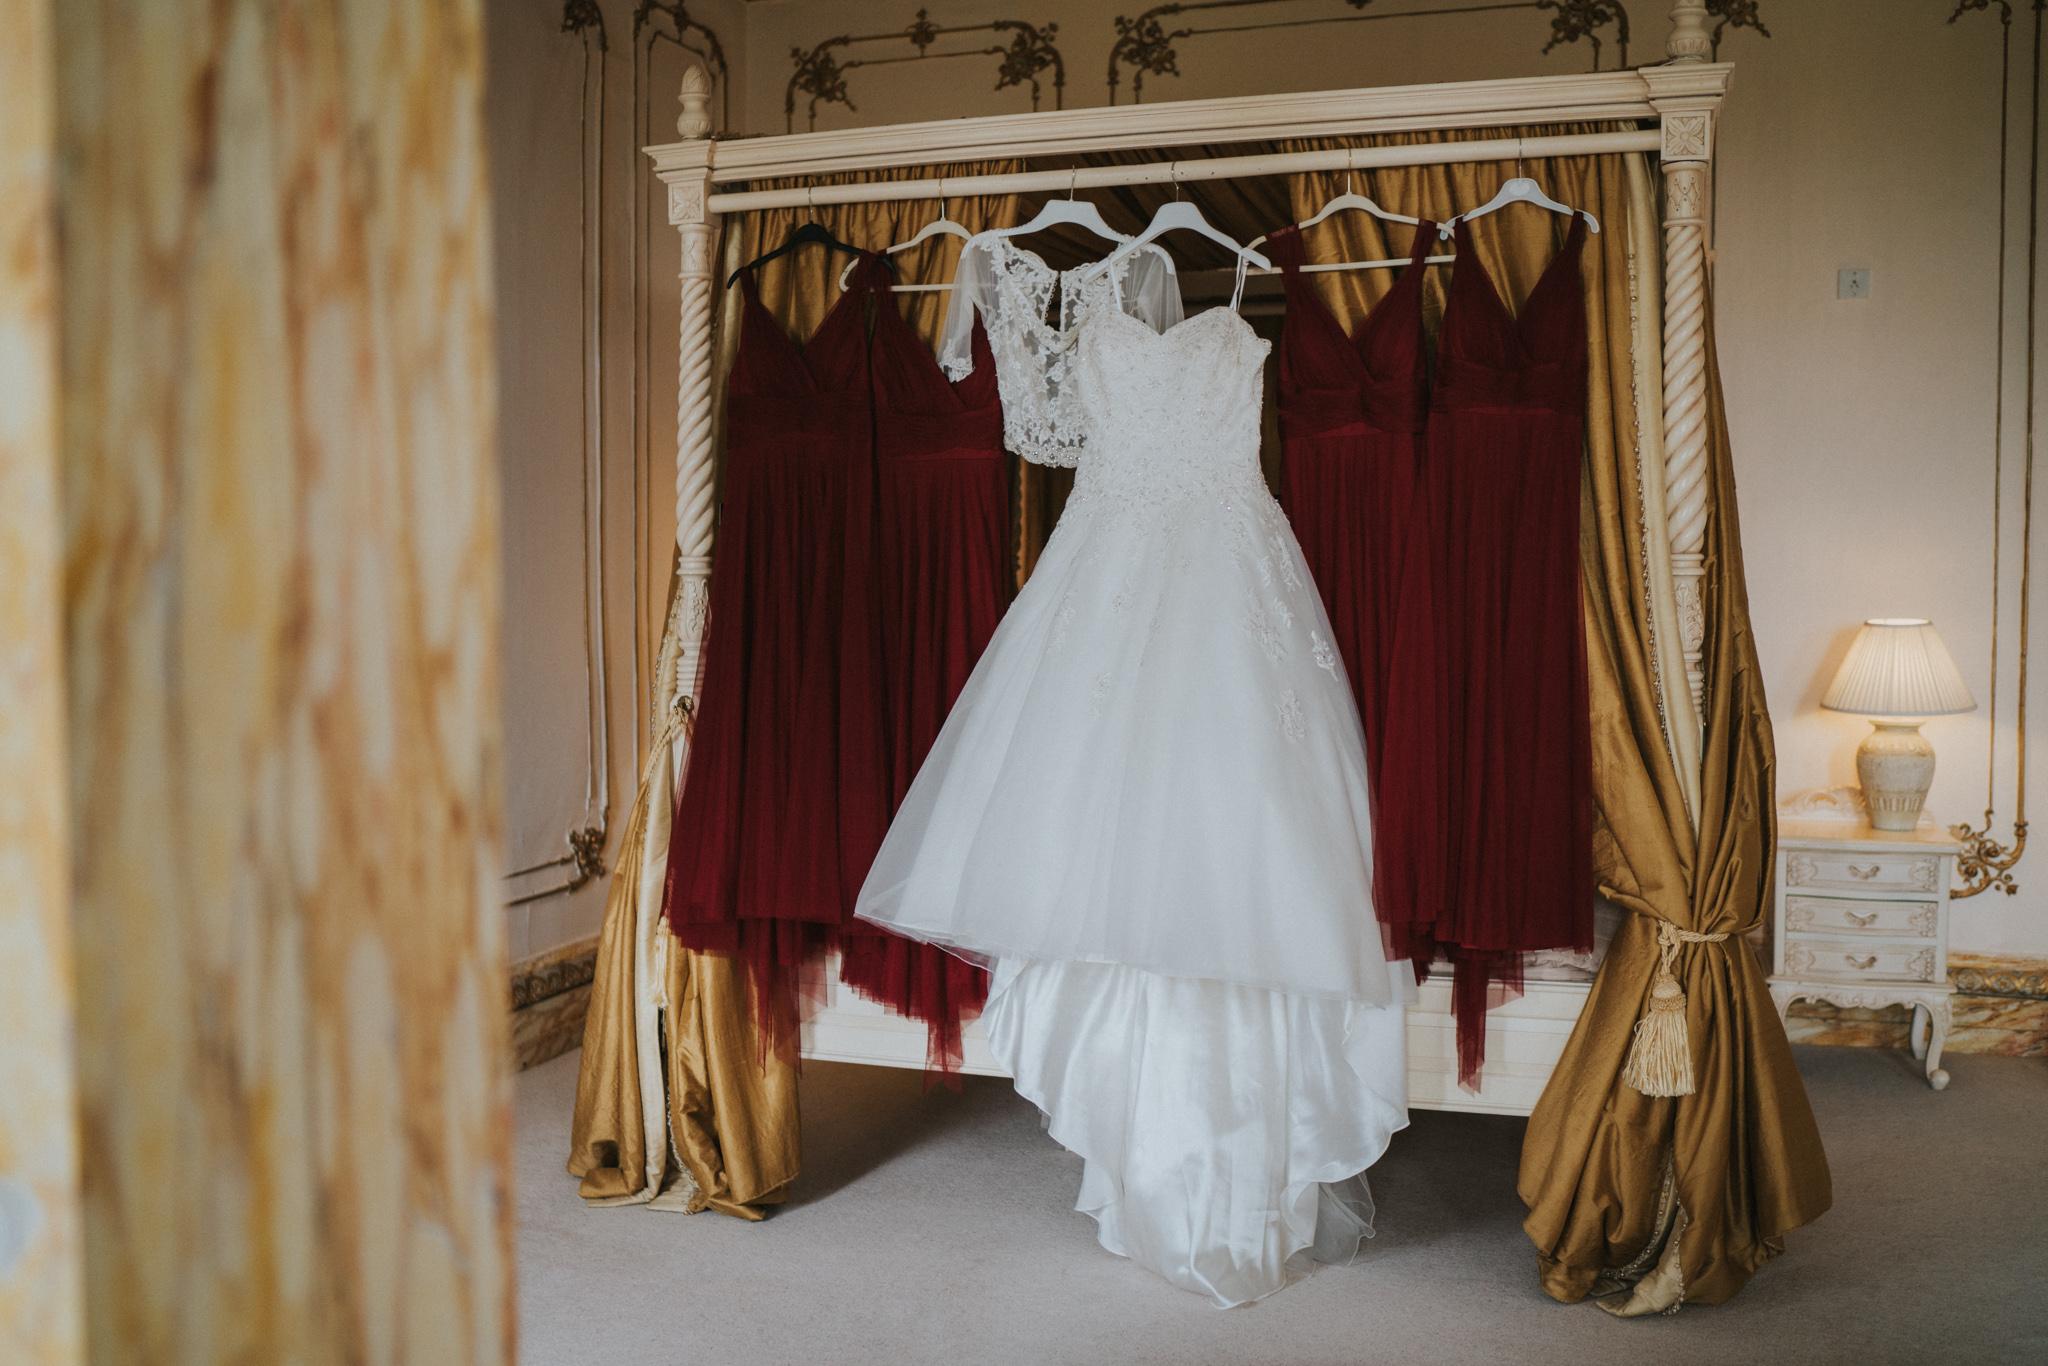 chara-neil-gosfield-hall-wedding-grace-elizabeth-colchester-essex-alternative-wedding-photographer-essex-devon-suffolk-norfolk (4 of 50).jpg